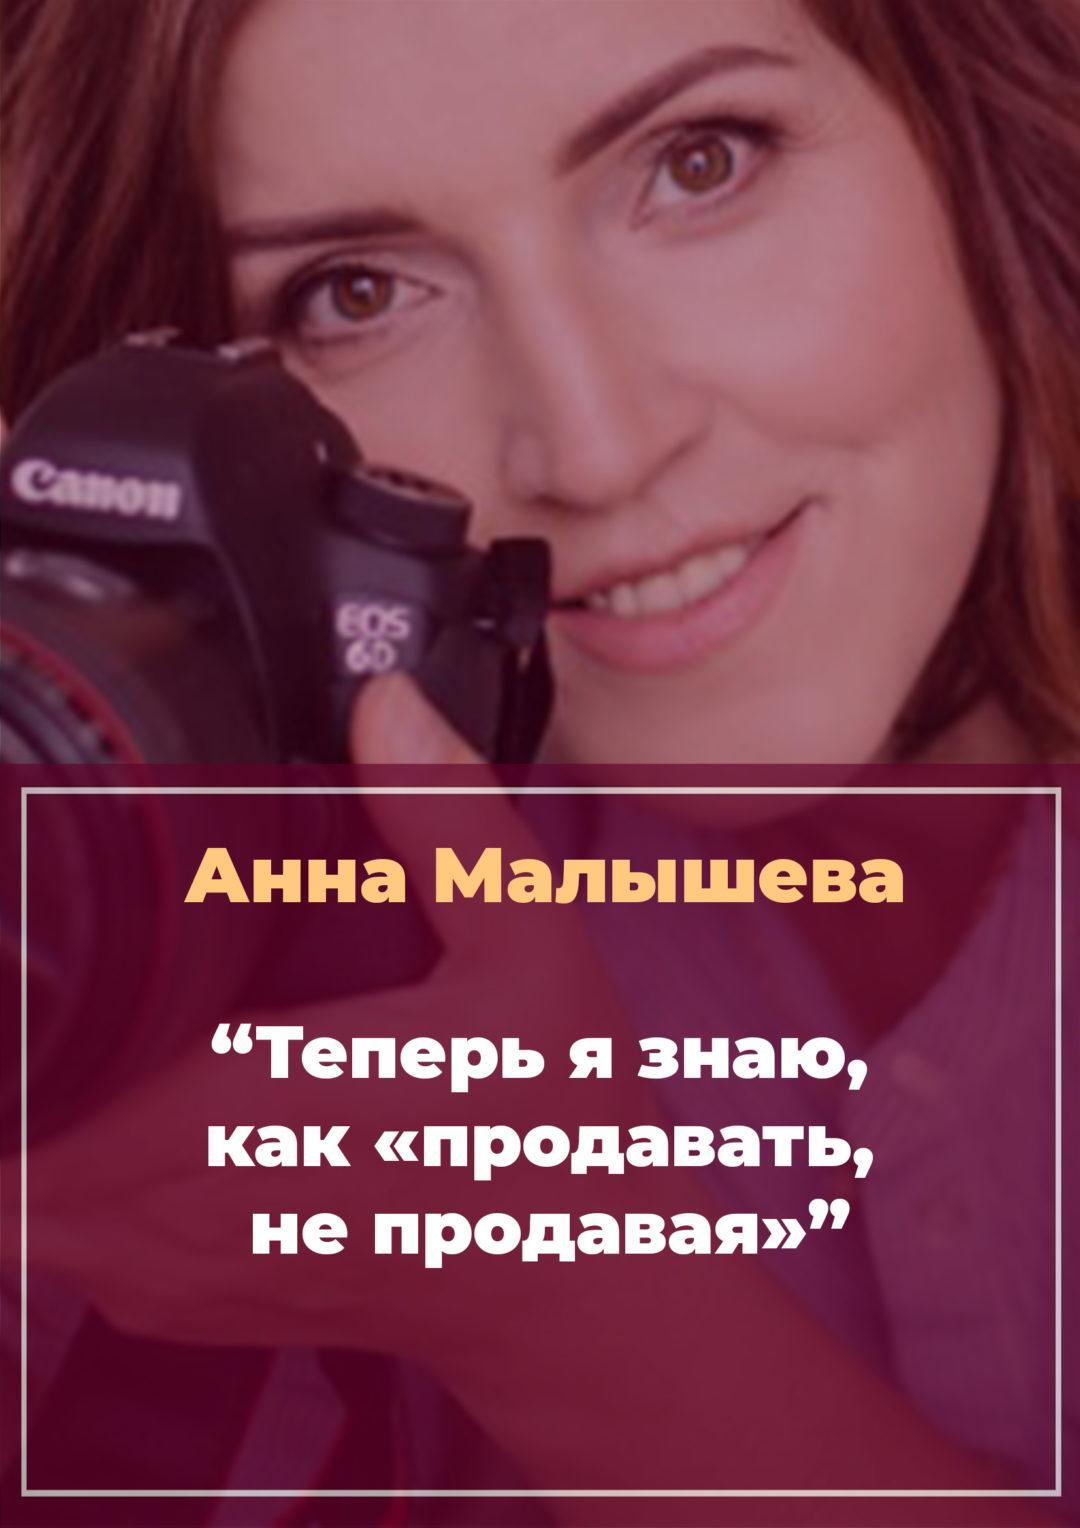 История Анны Малышевой